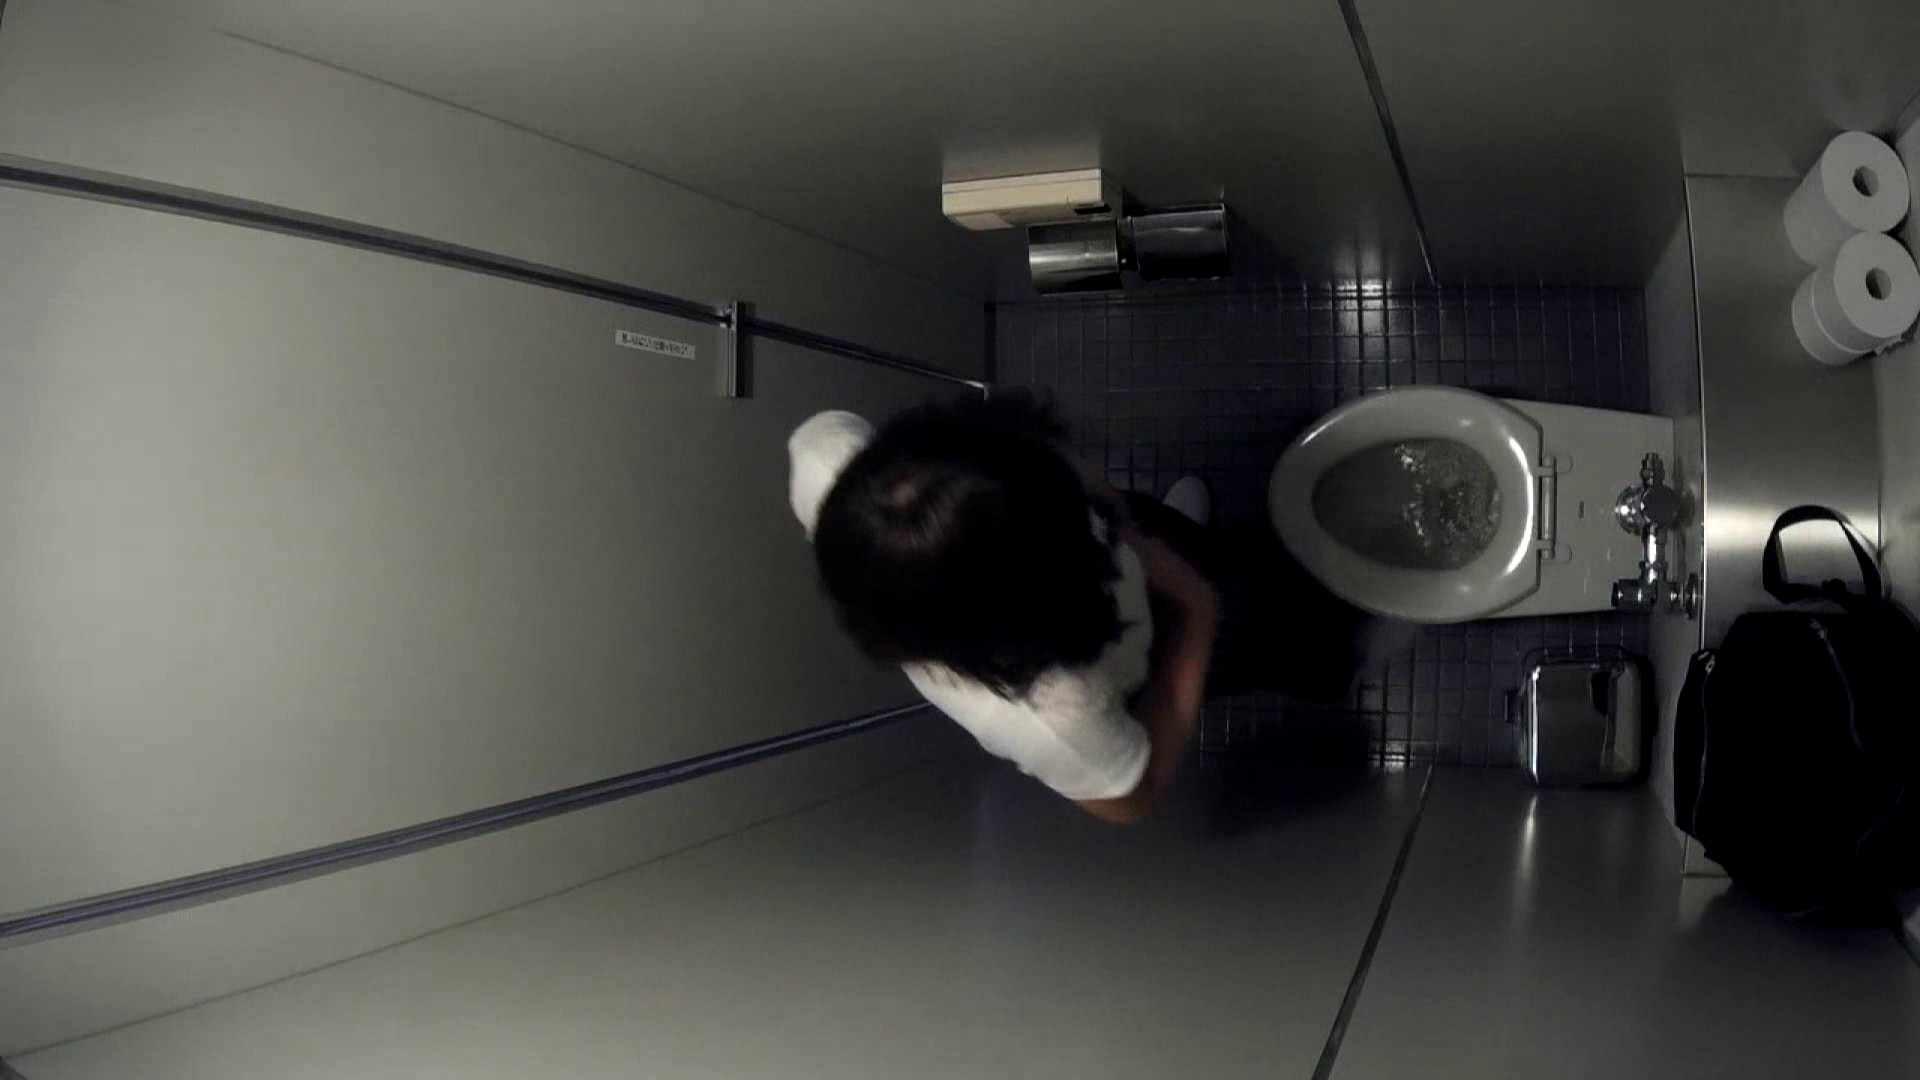 有名大学女性洗面所 vol.45 冴え渡る多方向撮影!職人技です。 OL  86連発 10